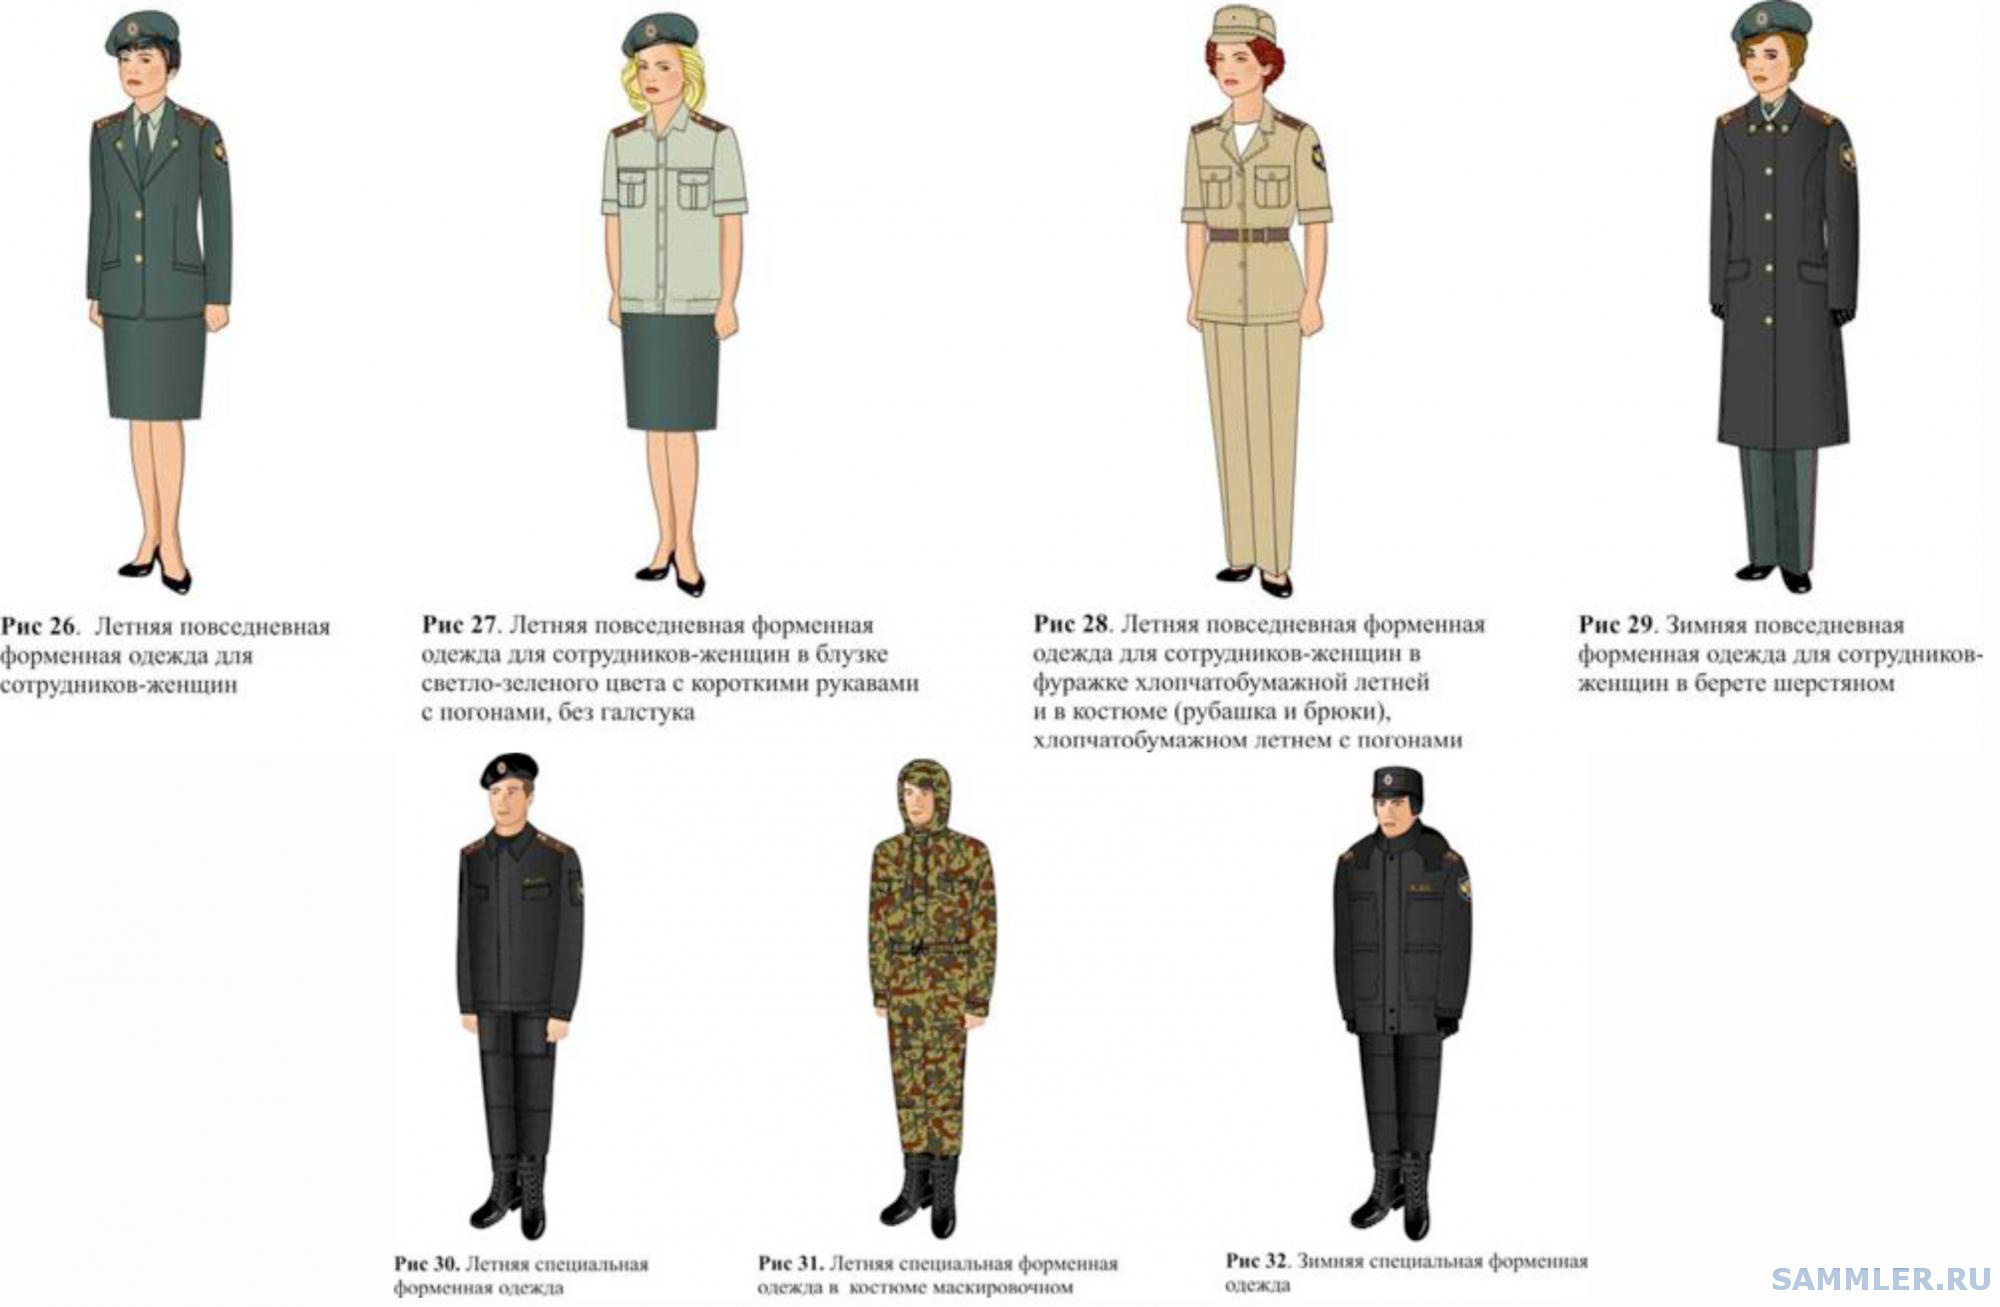 Форменная одежда сотрудников-16.jpg